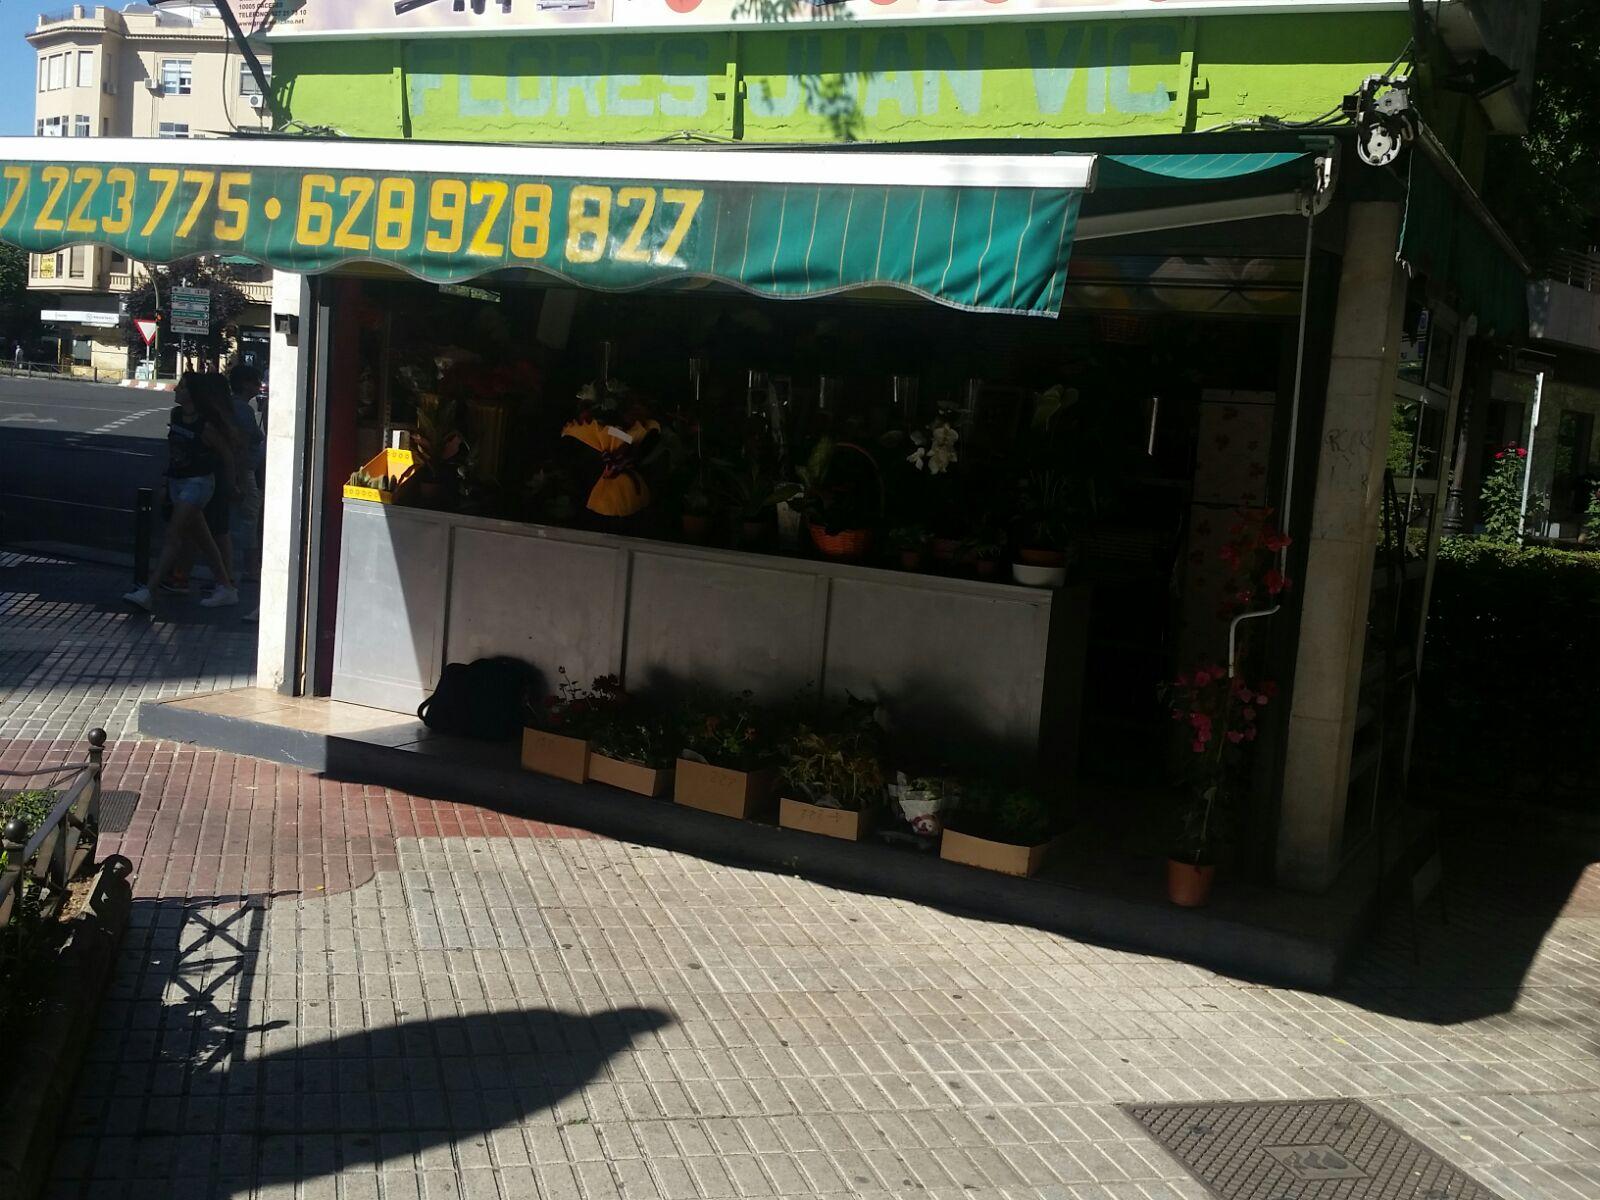 FLORISTERÍA JUANVIC, Flores económicas en Cáceres, Ramos baratos en Cáceres, Bodas baratas en Cáceres